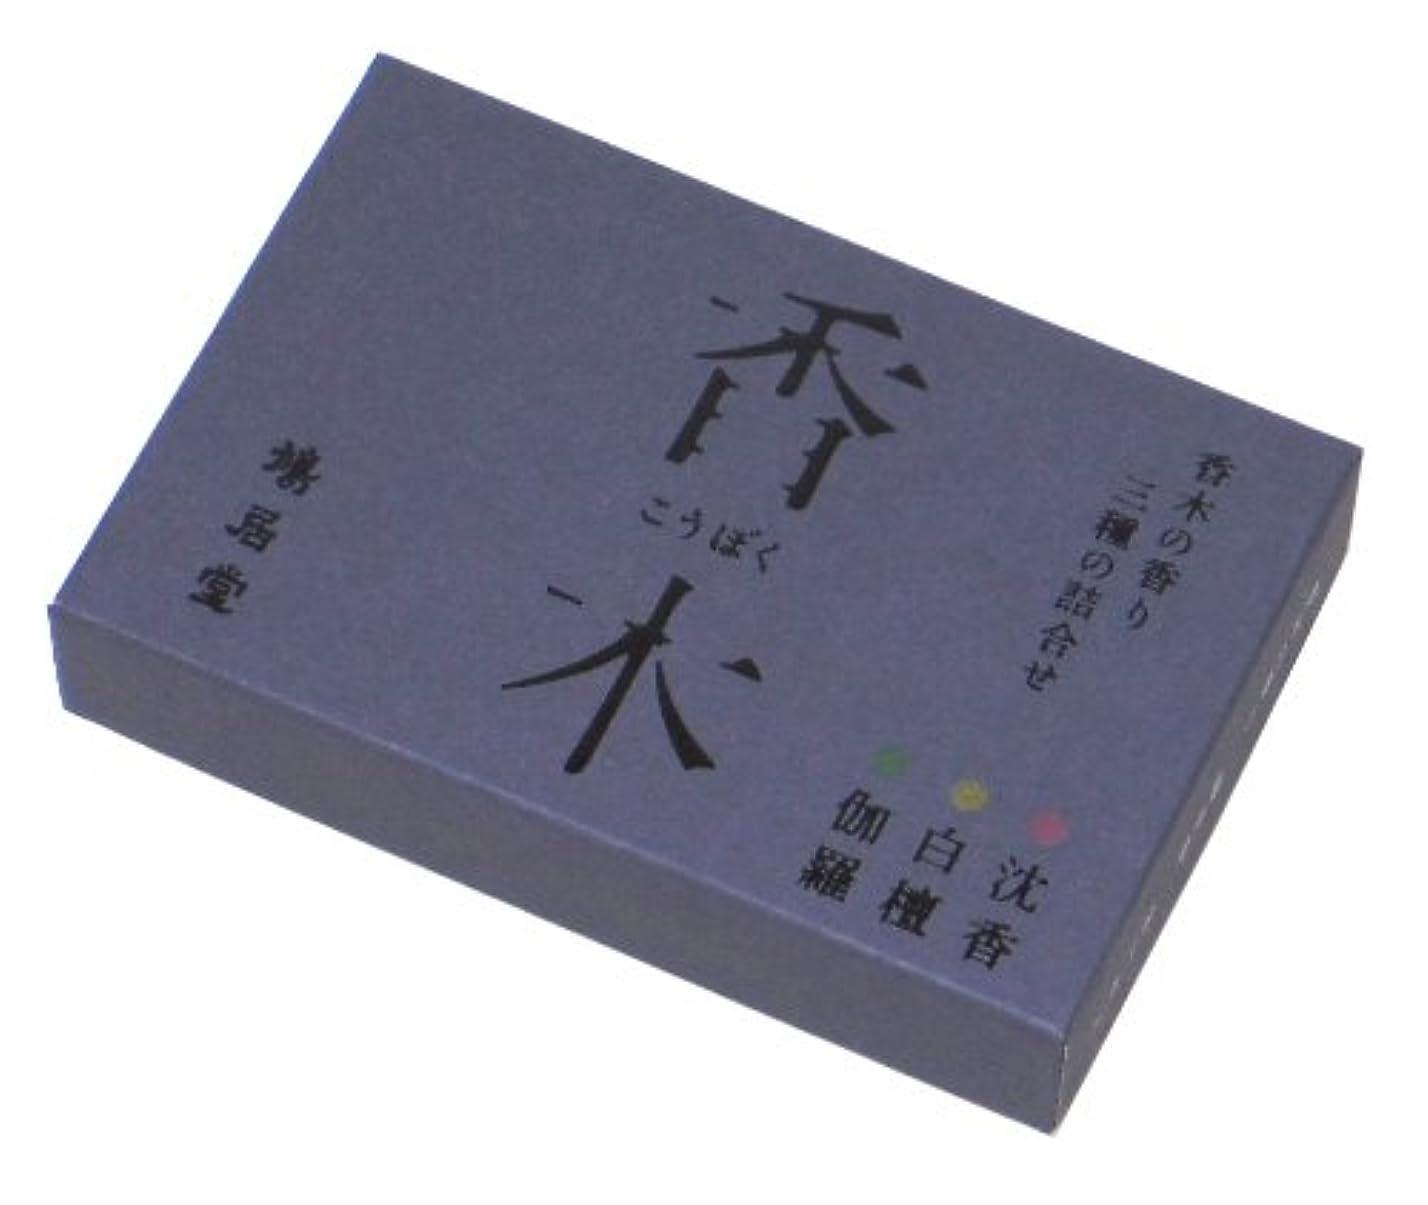 プランター聖職者シダ鳩居堂のお香 香木の香り3種セット 3種類各10本入 6cm 香立入